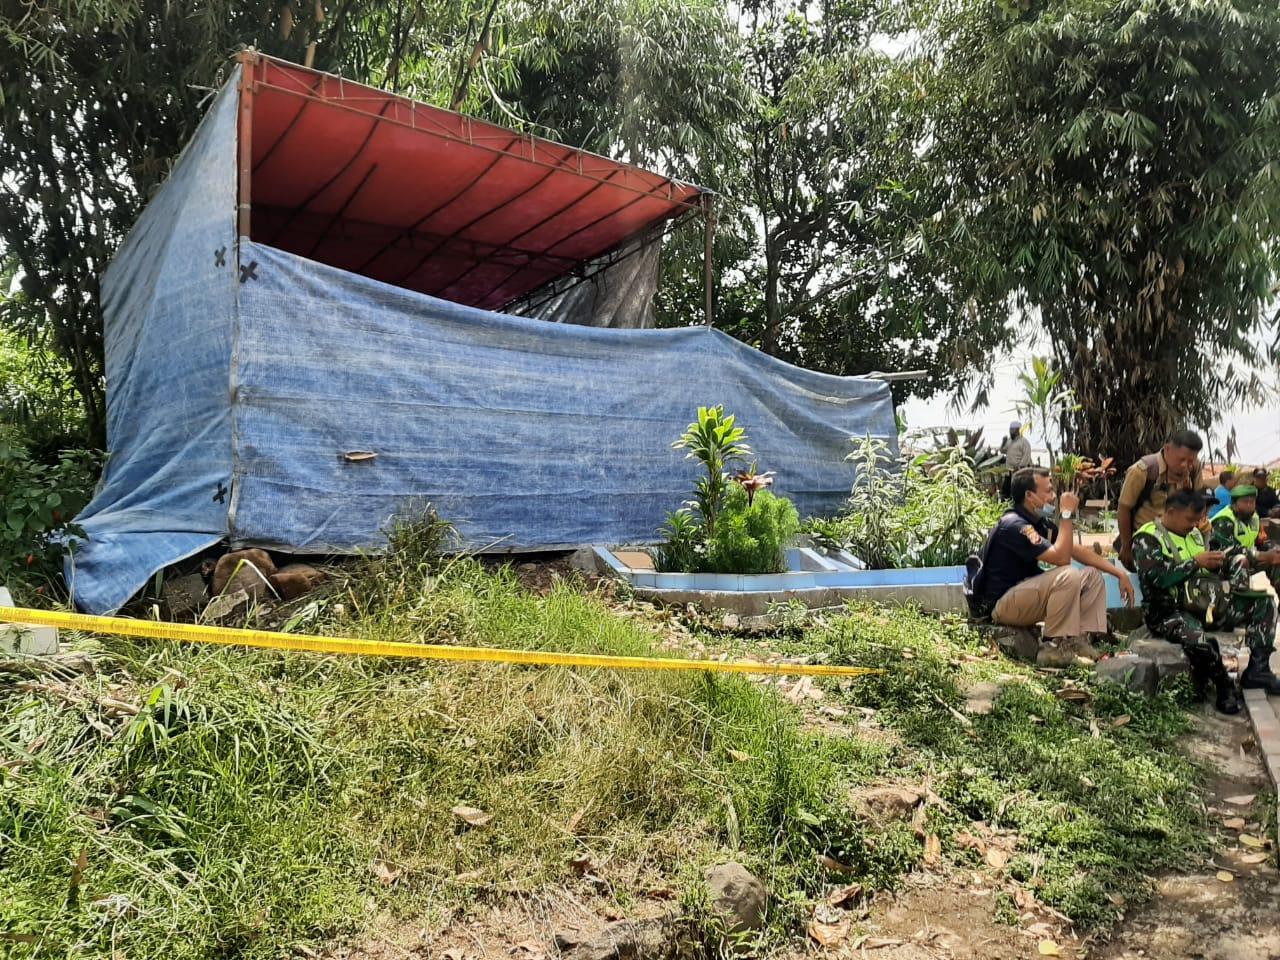 Polsek Sukaresmi Bongkar Makam Benjho, Ungkap Dugaan Pengeroyokan Yang Berujung Kematian